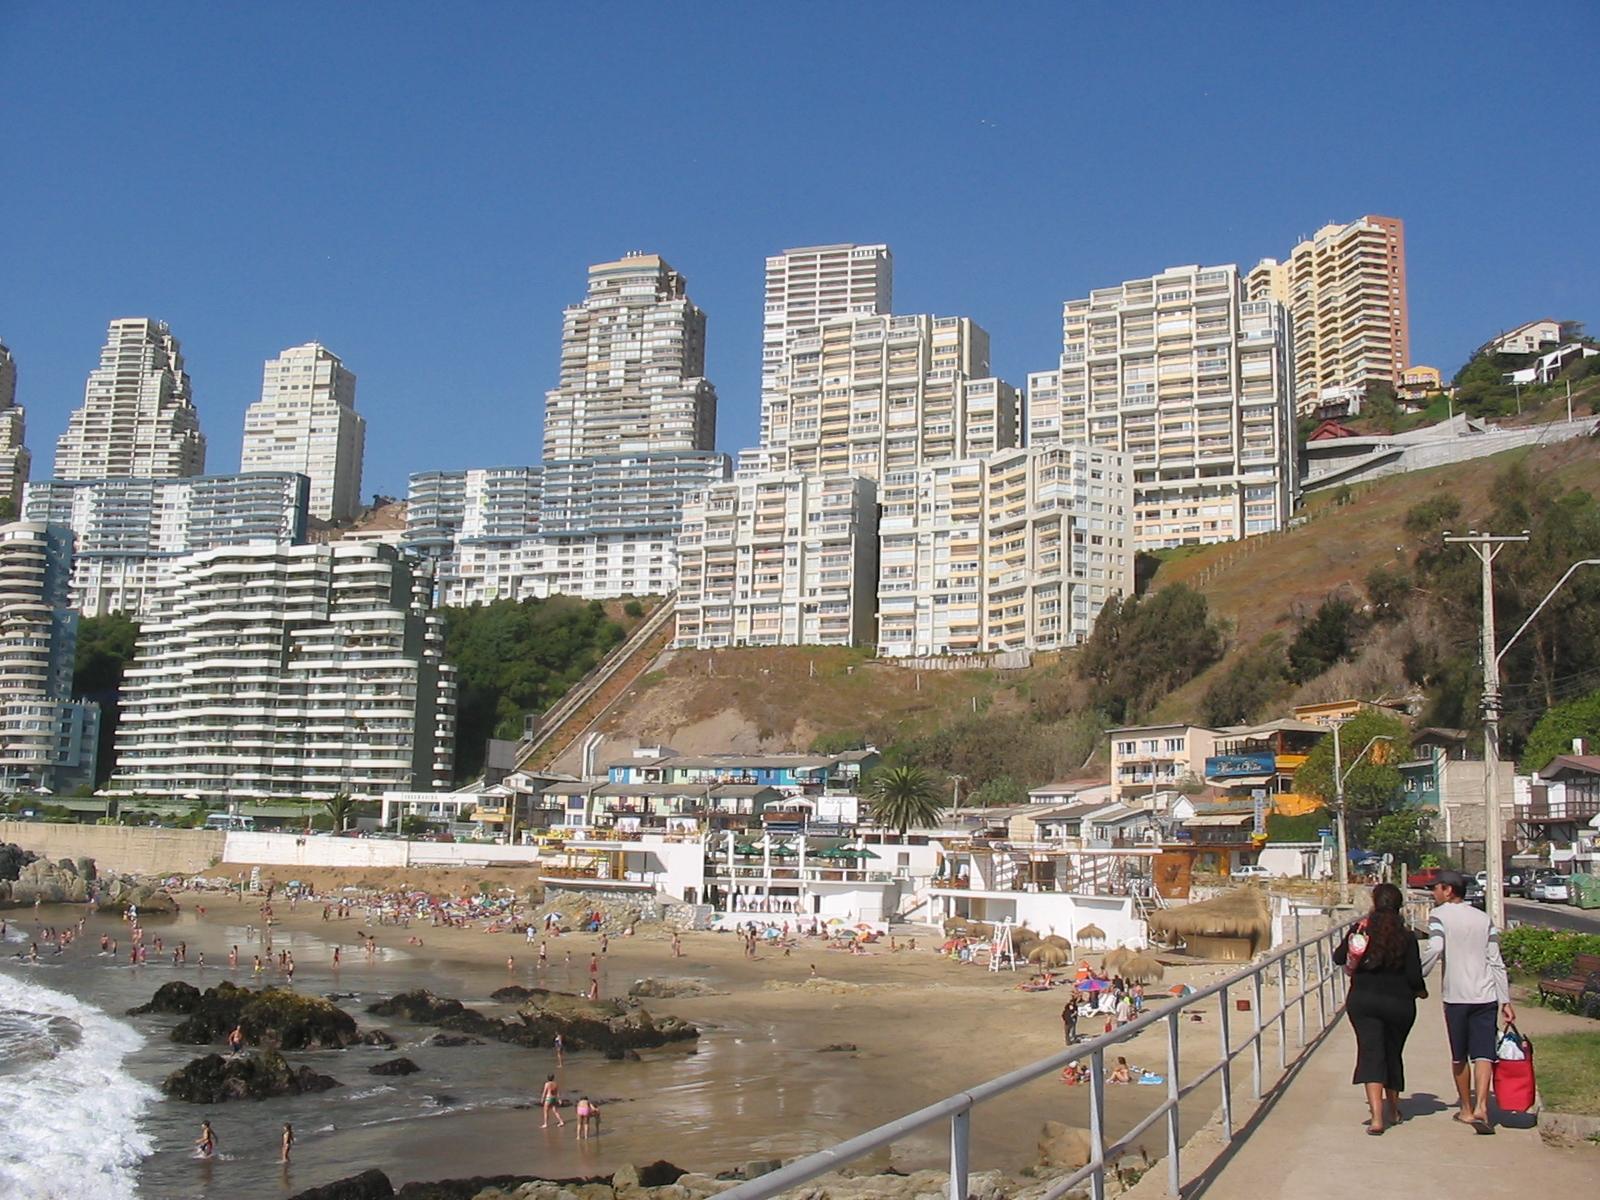 Concon Chile  city photos : Playa Concón Wikipedia, the free encyclopedia